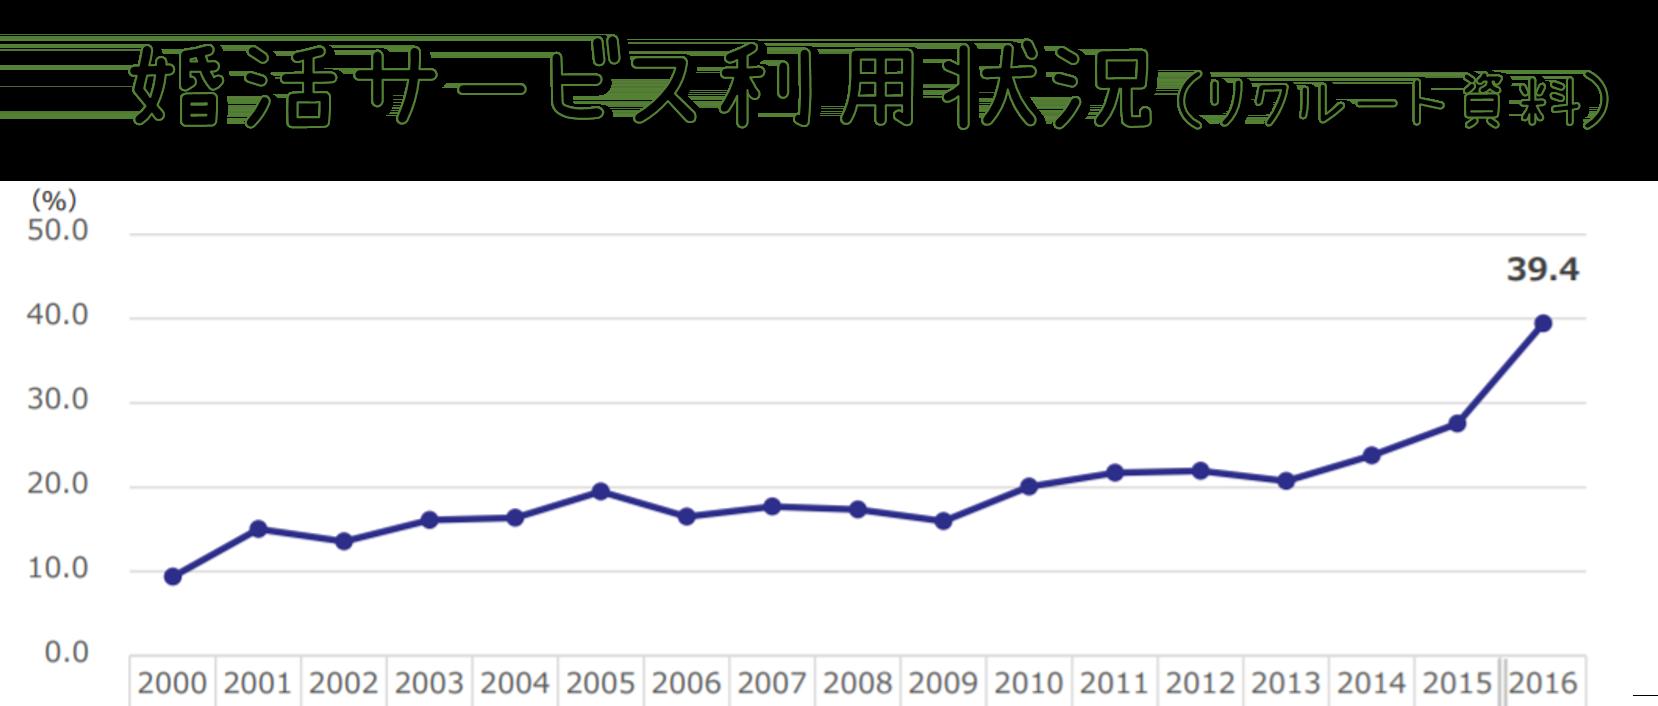 出会い系サイト、婚活サイト利用率を比較